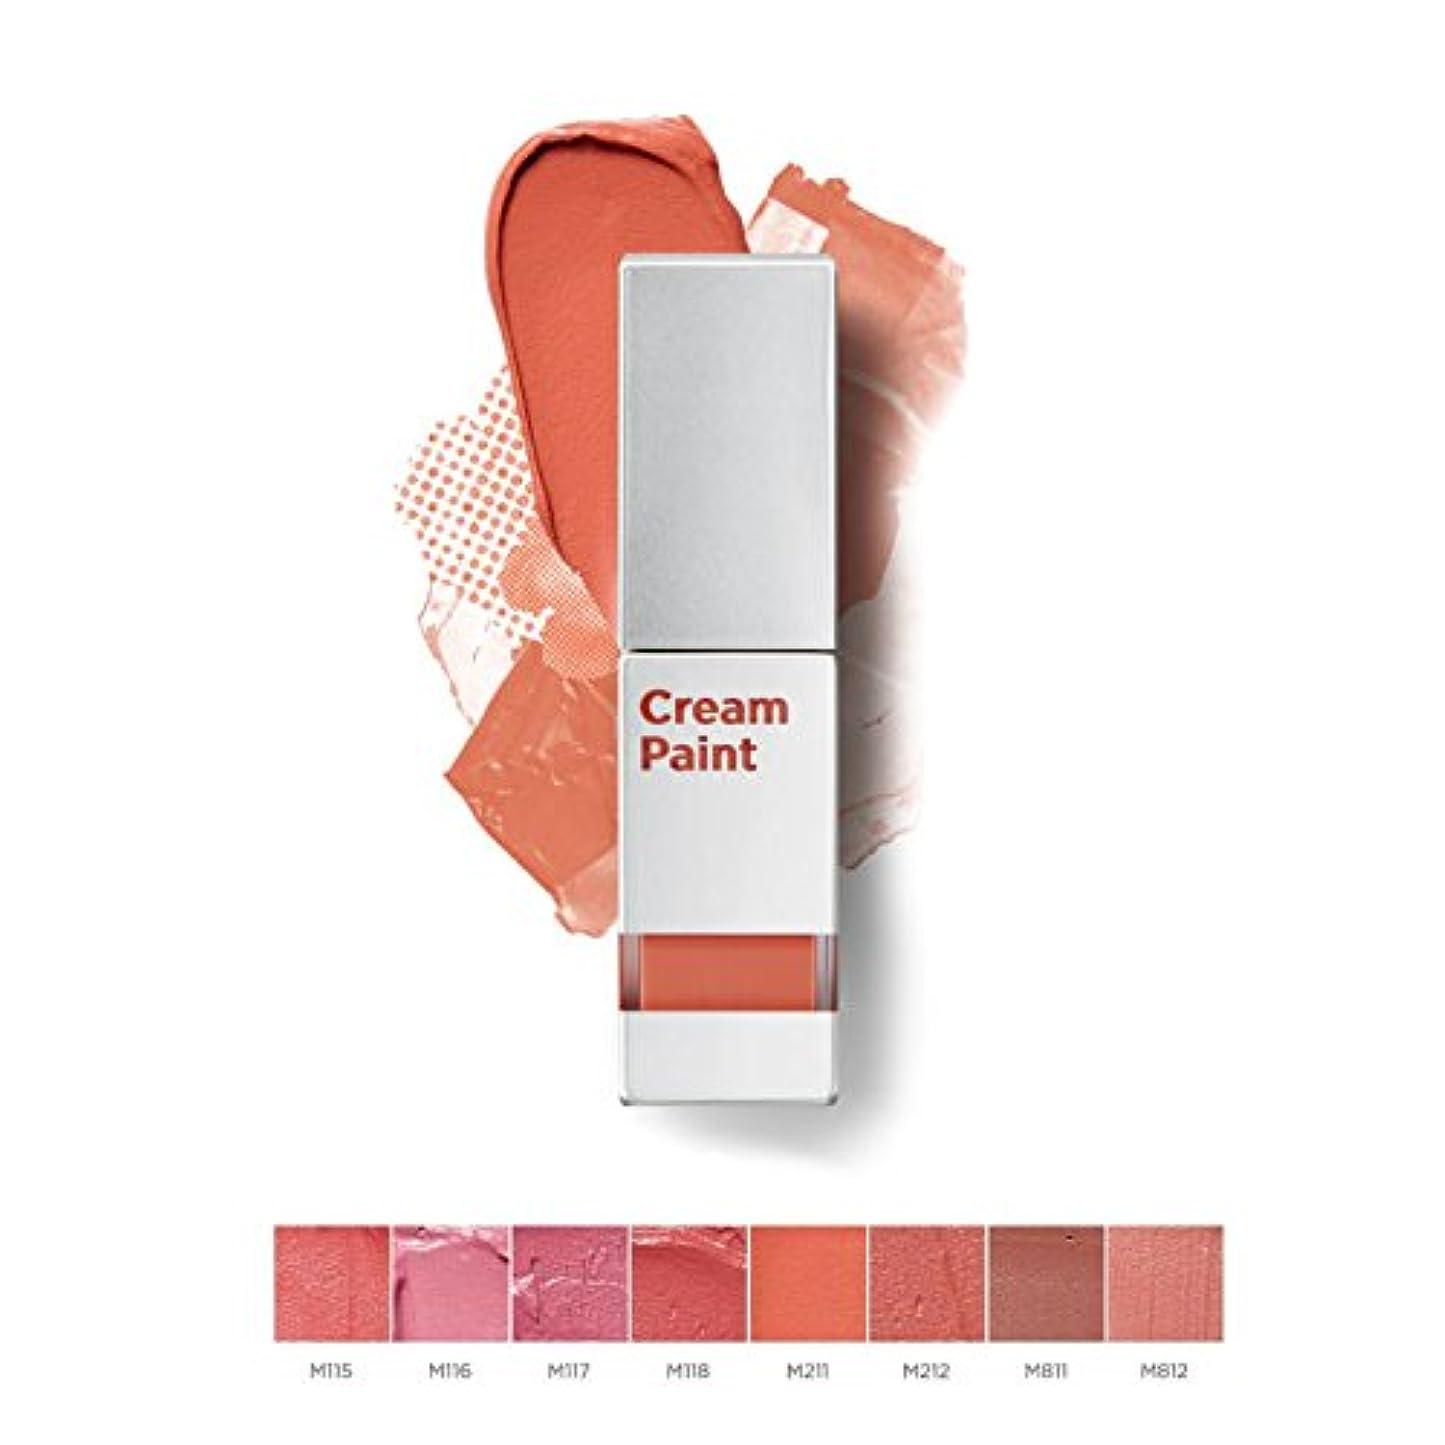 ブランチ空のスペクトラム【MOONSHOT x BLACKPINK】東洋人の肌の色によく似合うマットリップ?クリームペイントライトフィット (Cream Paint Lightfit) 全8色中択2色 / 正品?海外直送品 (M211. Orange...